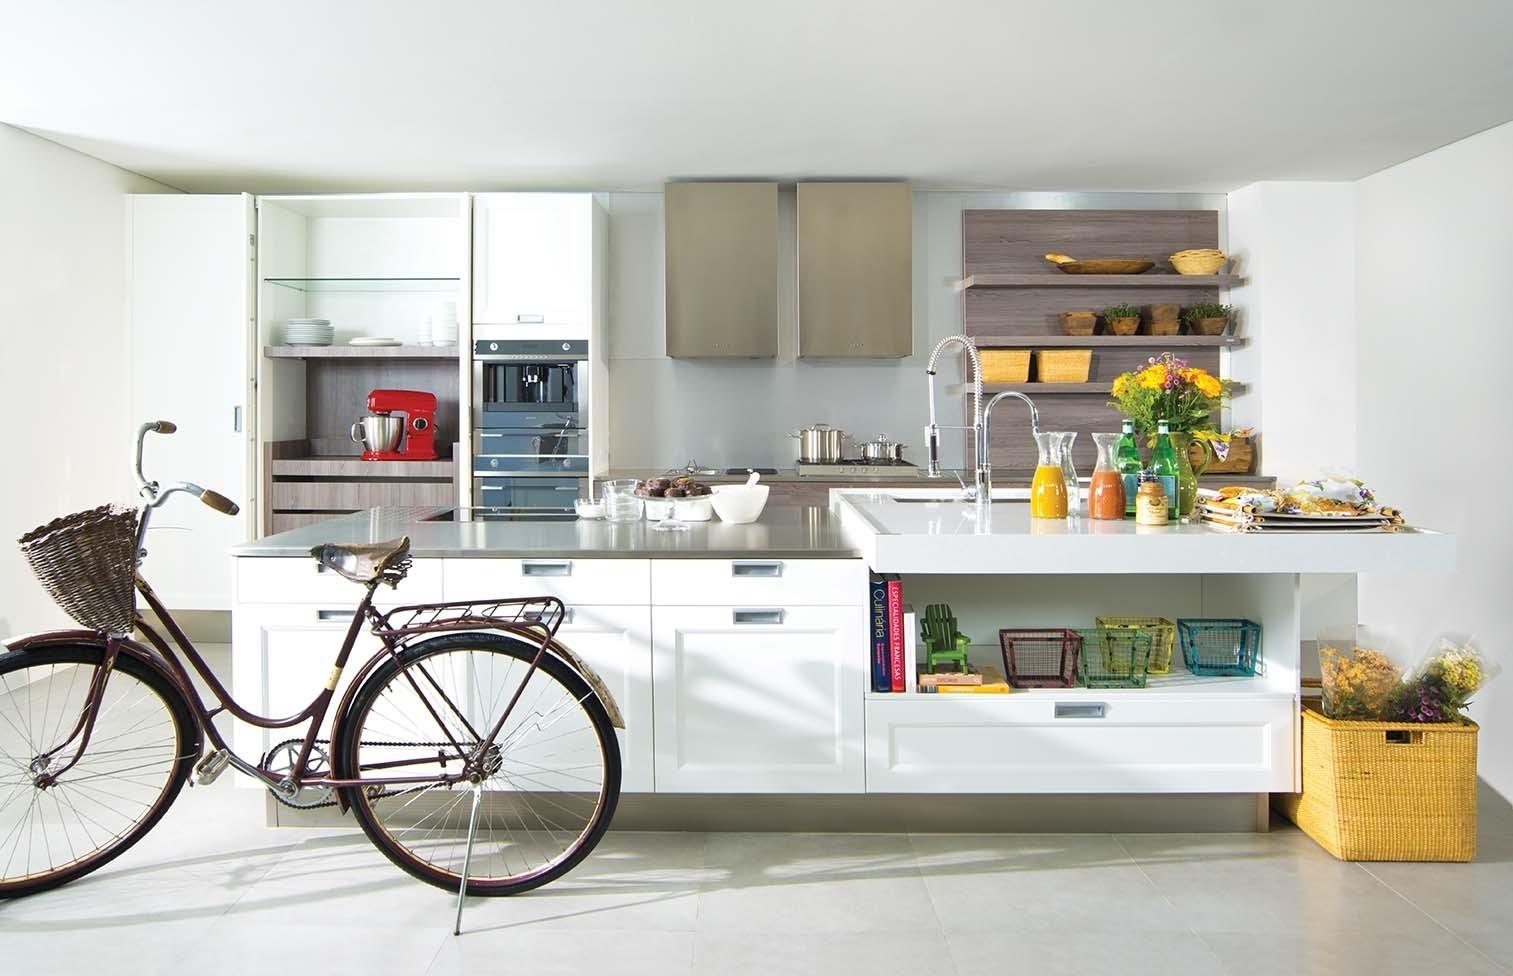 De inspiração retrô, a linha de cozinhas Provance da Favo (11 3791-5333), marca de móveis planejados, pode ser feita em diversas cores, sempre com acabamento em laca...